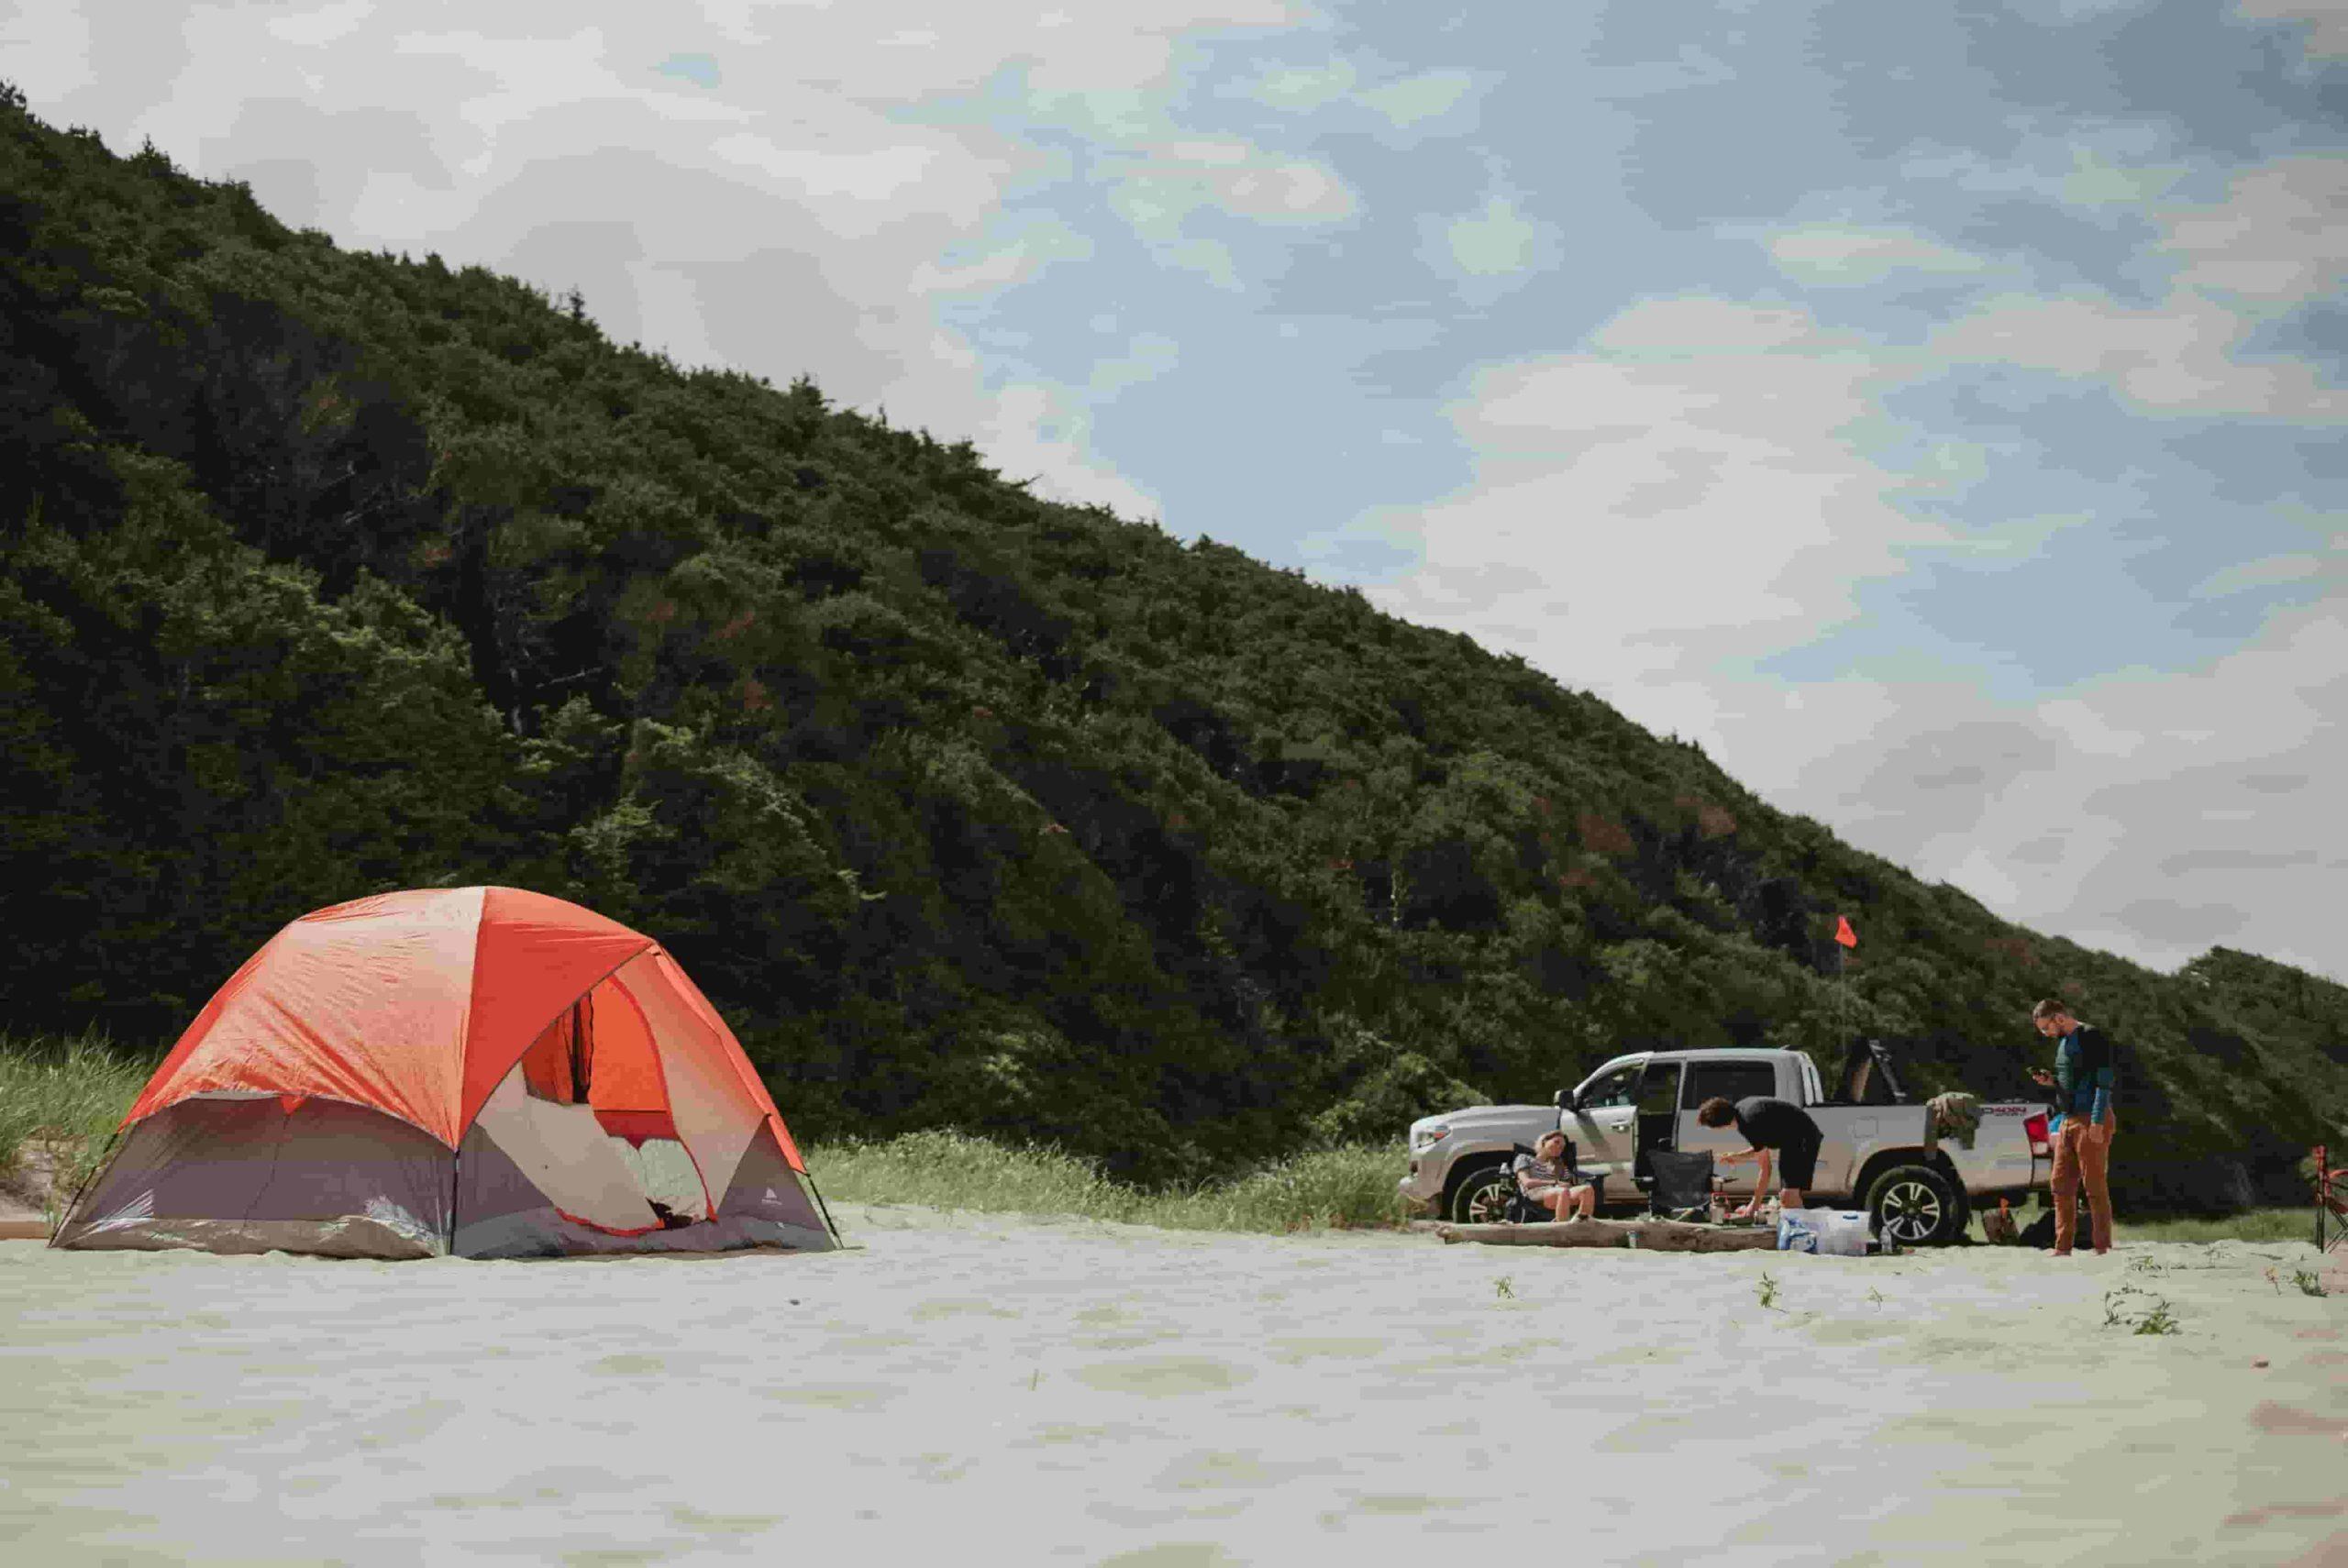 【沖縄】海辺で砂浜キャンプをしよう!